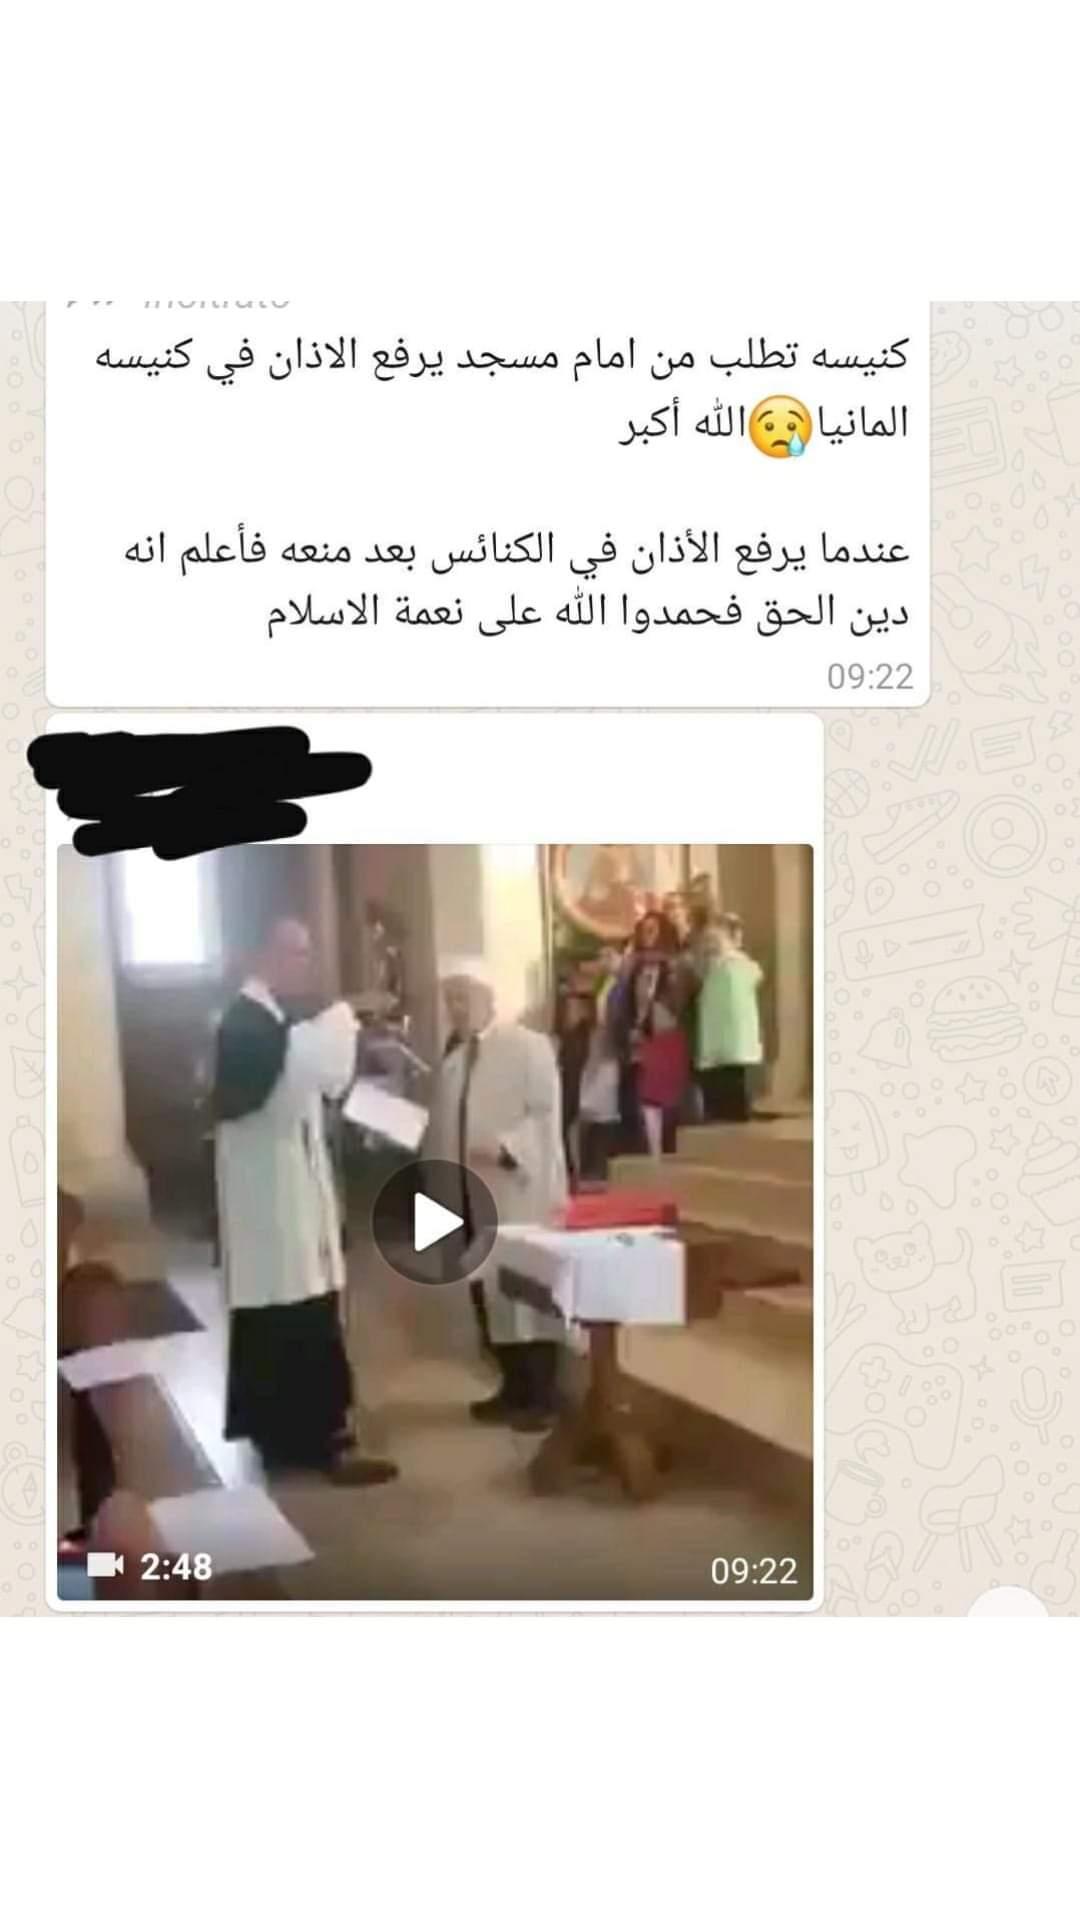 ادعاء ينتشر على واتساب.. كنيسة تطلب من إمام مسجد رفع الأذان لمواجهة كورونا